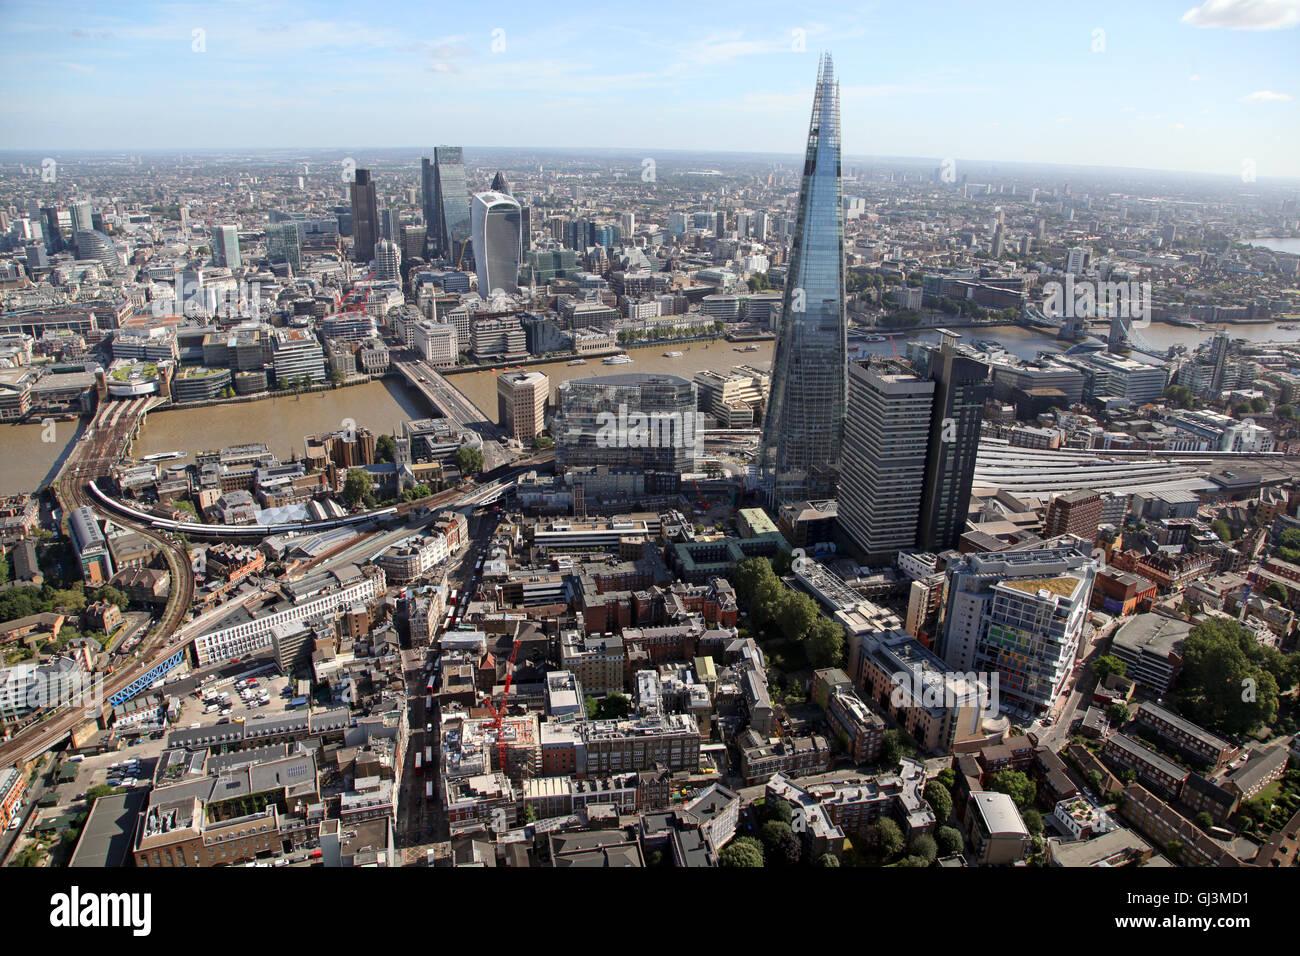 Vue aérienne de l'hôpital, les gars d'échardes, Tamise et la ville, Londres Photo Stock